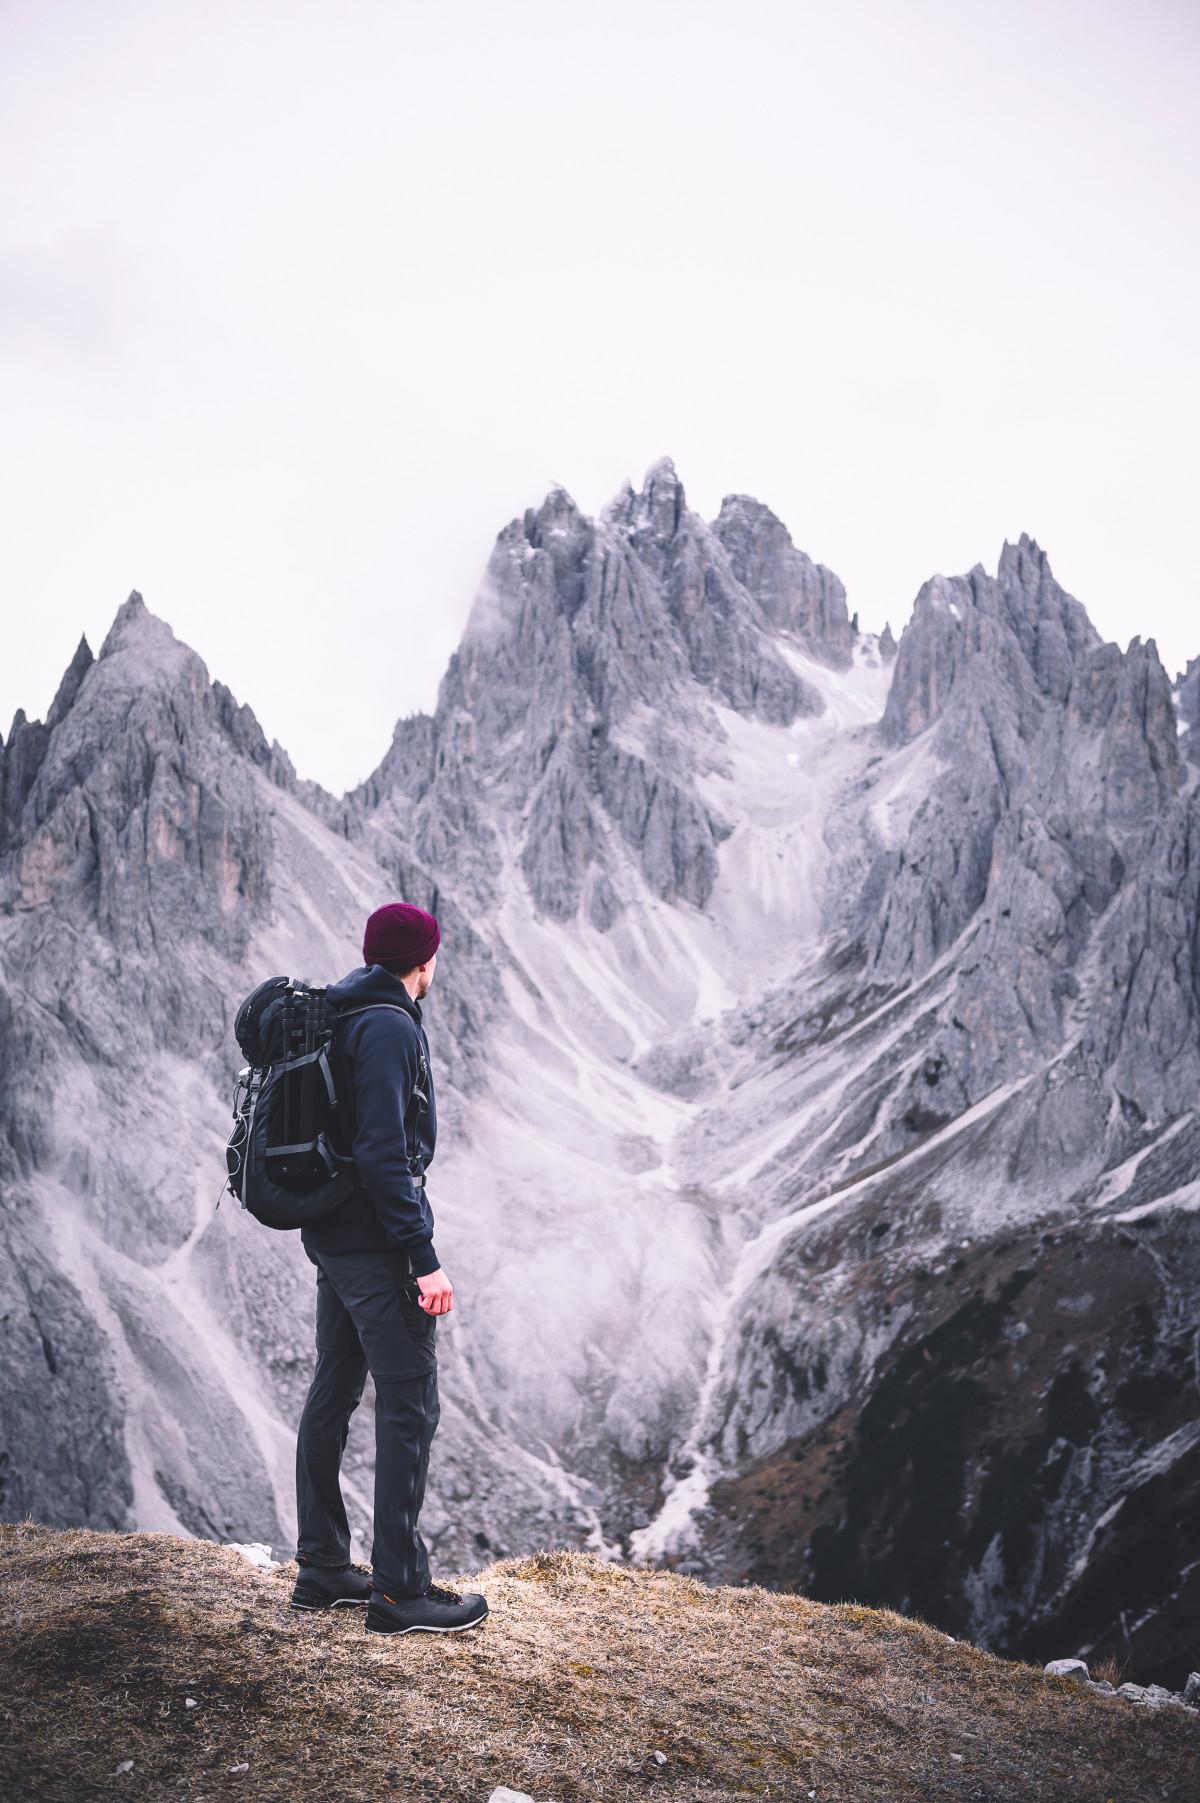 Sempre più lontano... Con BALDO GTX LOWA ha sviluppato uno stivale da trekking che non si stancherà mai di accompagnarvi nelle vostre avventure sportive. La membrana integrata in GORE-TEX non si fa scoraggiare dalle intemperie: umidità e vento rimangono semplicemente all'esterno. Per poter adattare lo stivale al piede in maniera rapida ed efficace basta utilizzare i ROLLER EYELET pregiati e flessibili insieme alla precisione dell'allacciatura a due zone. La suola VIBRAM® TRAC LITE II garantisce ottime prestazioni in salita quanto in discesa.